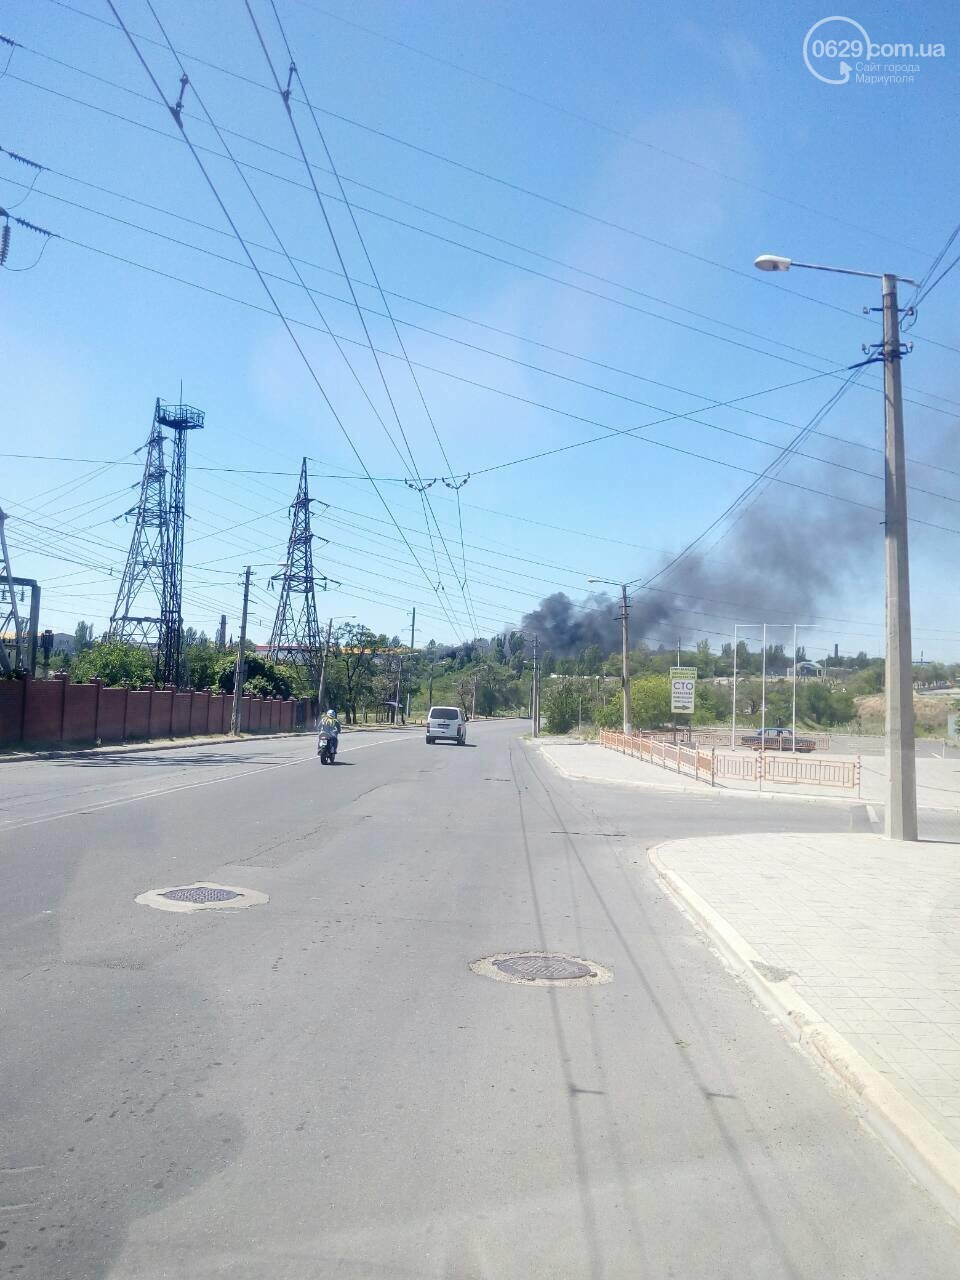 В Мариуполе на территории дислокации военных горели покрышки, - ФОТО, фото-1